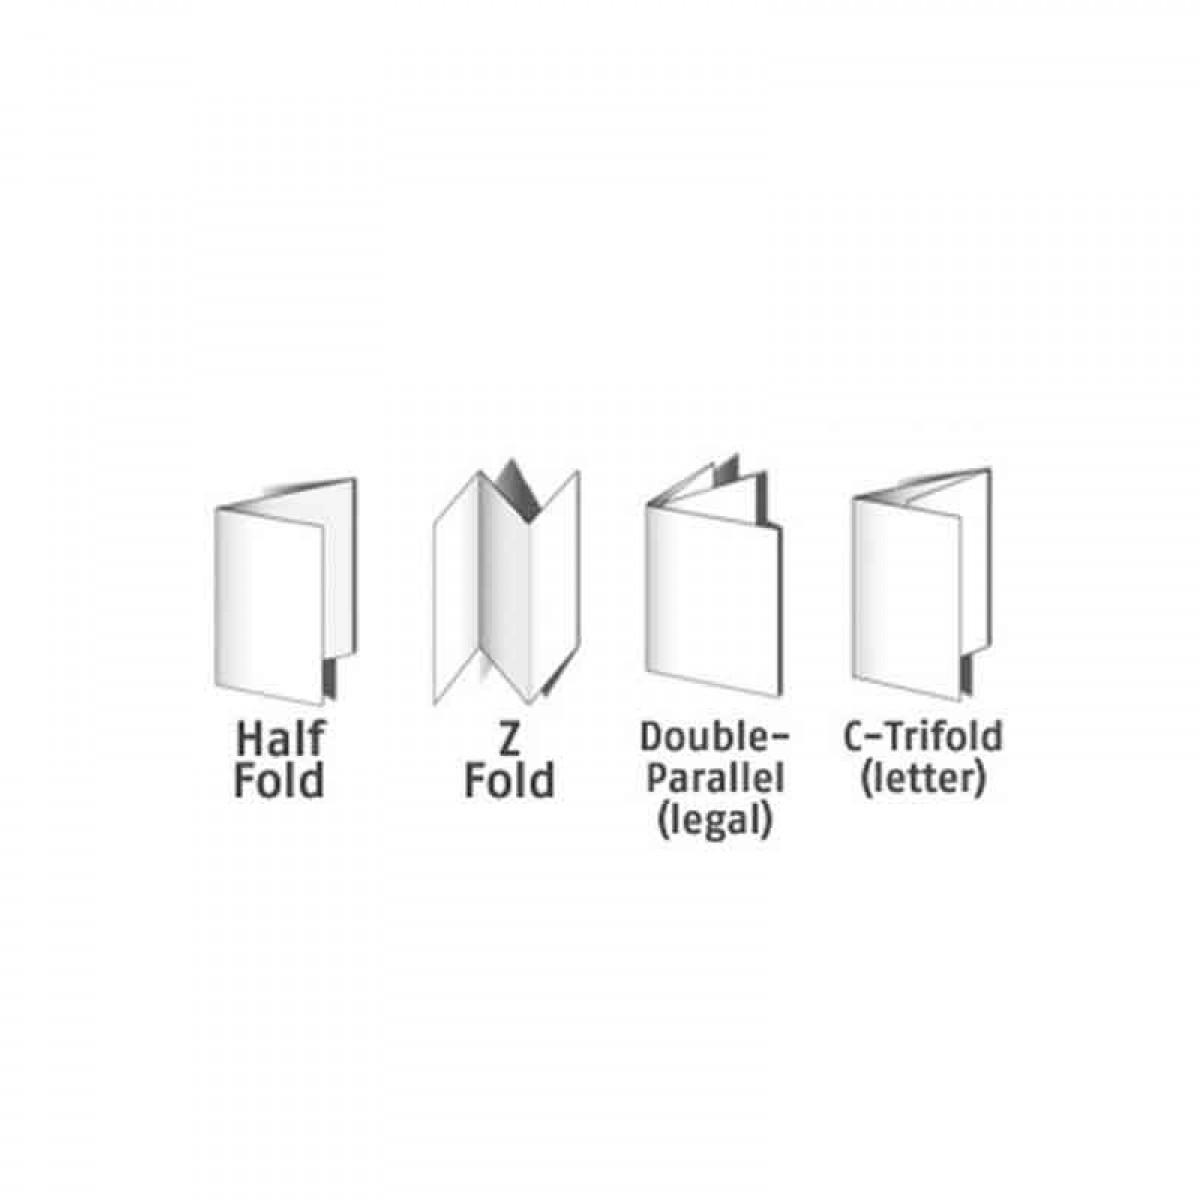 Formax FD 6608-Special4 Office Paper Folder Inserter